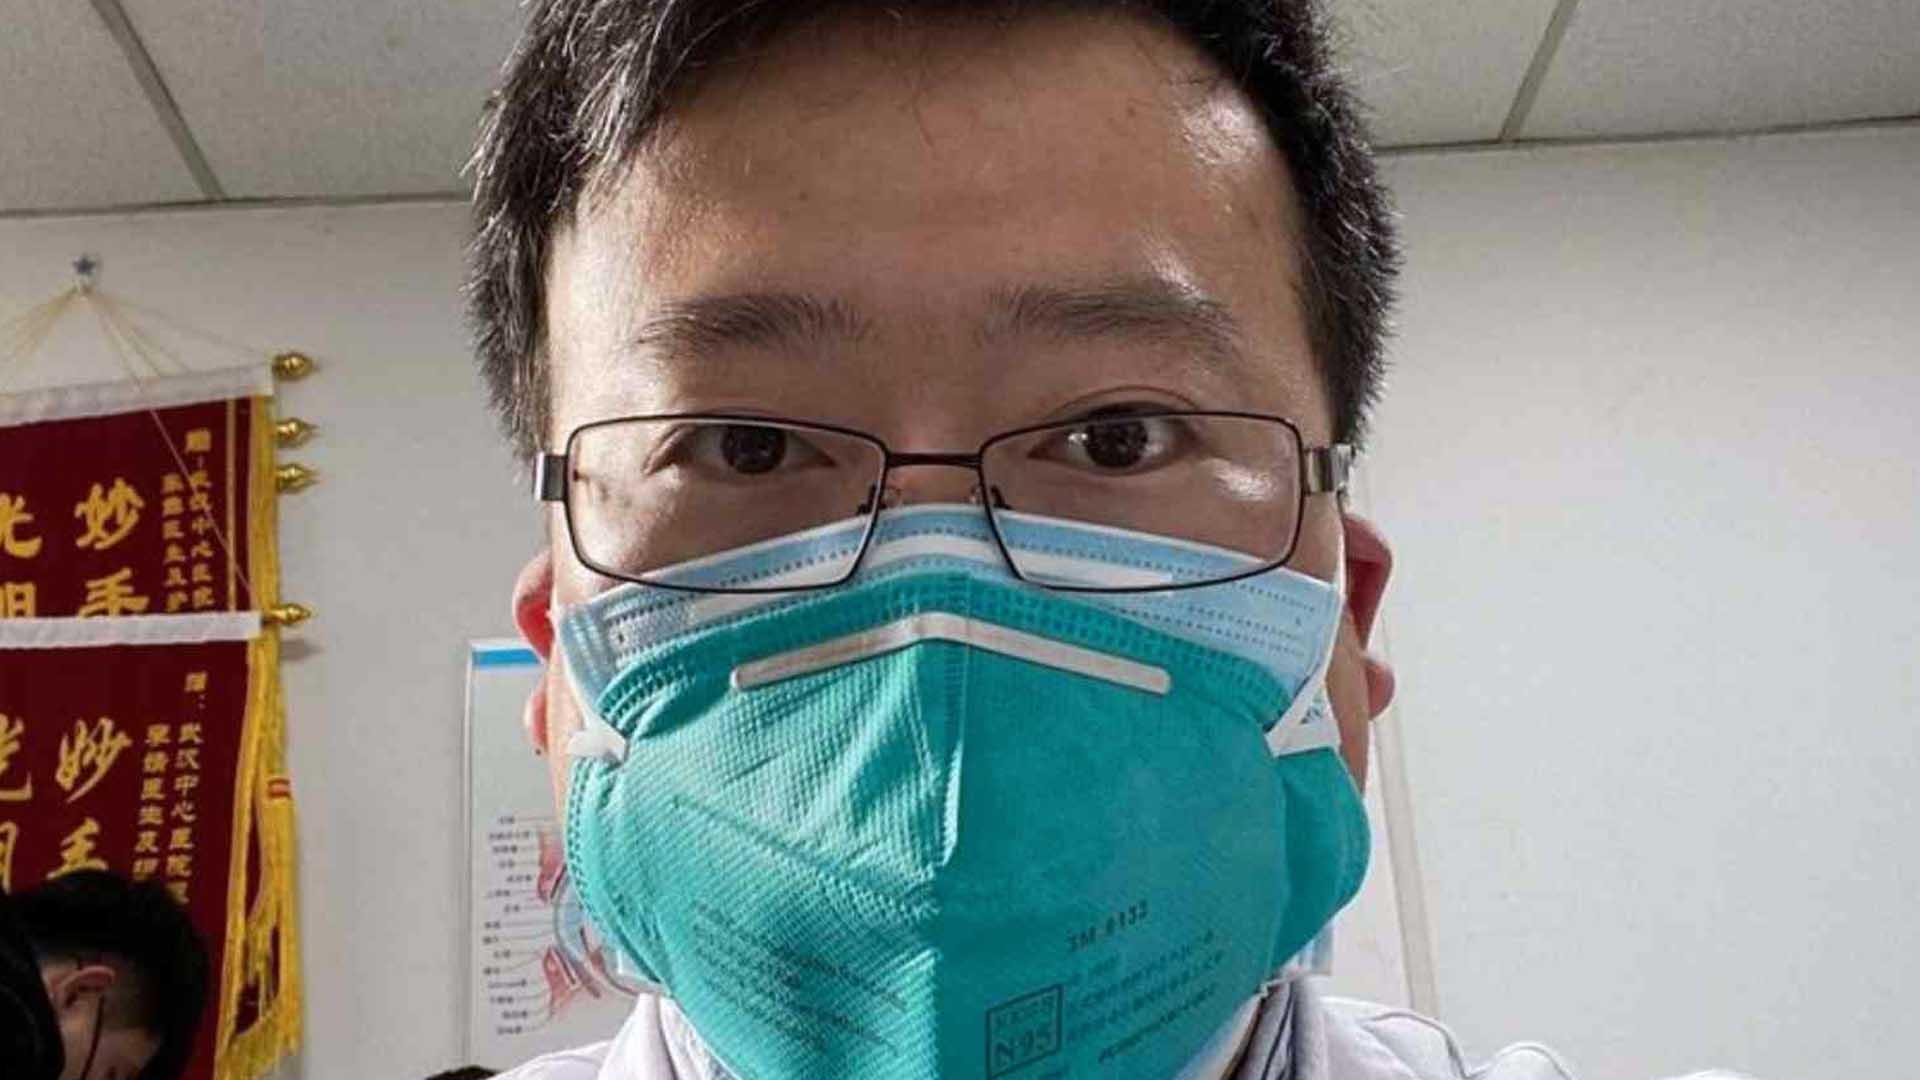 Un anno fa moriva Li Wenliang, il medico eroe censurato dalla Cina